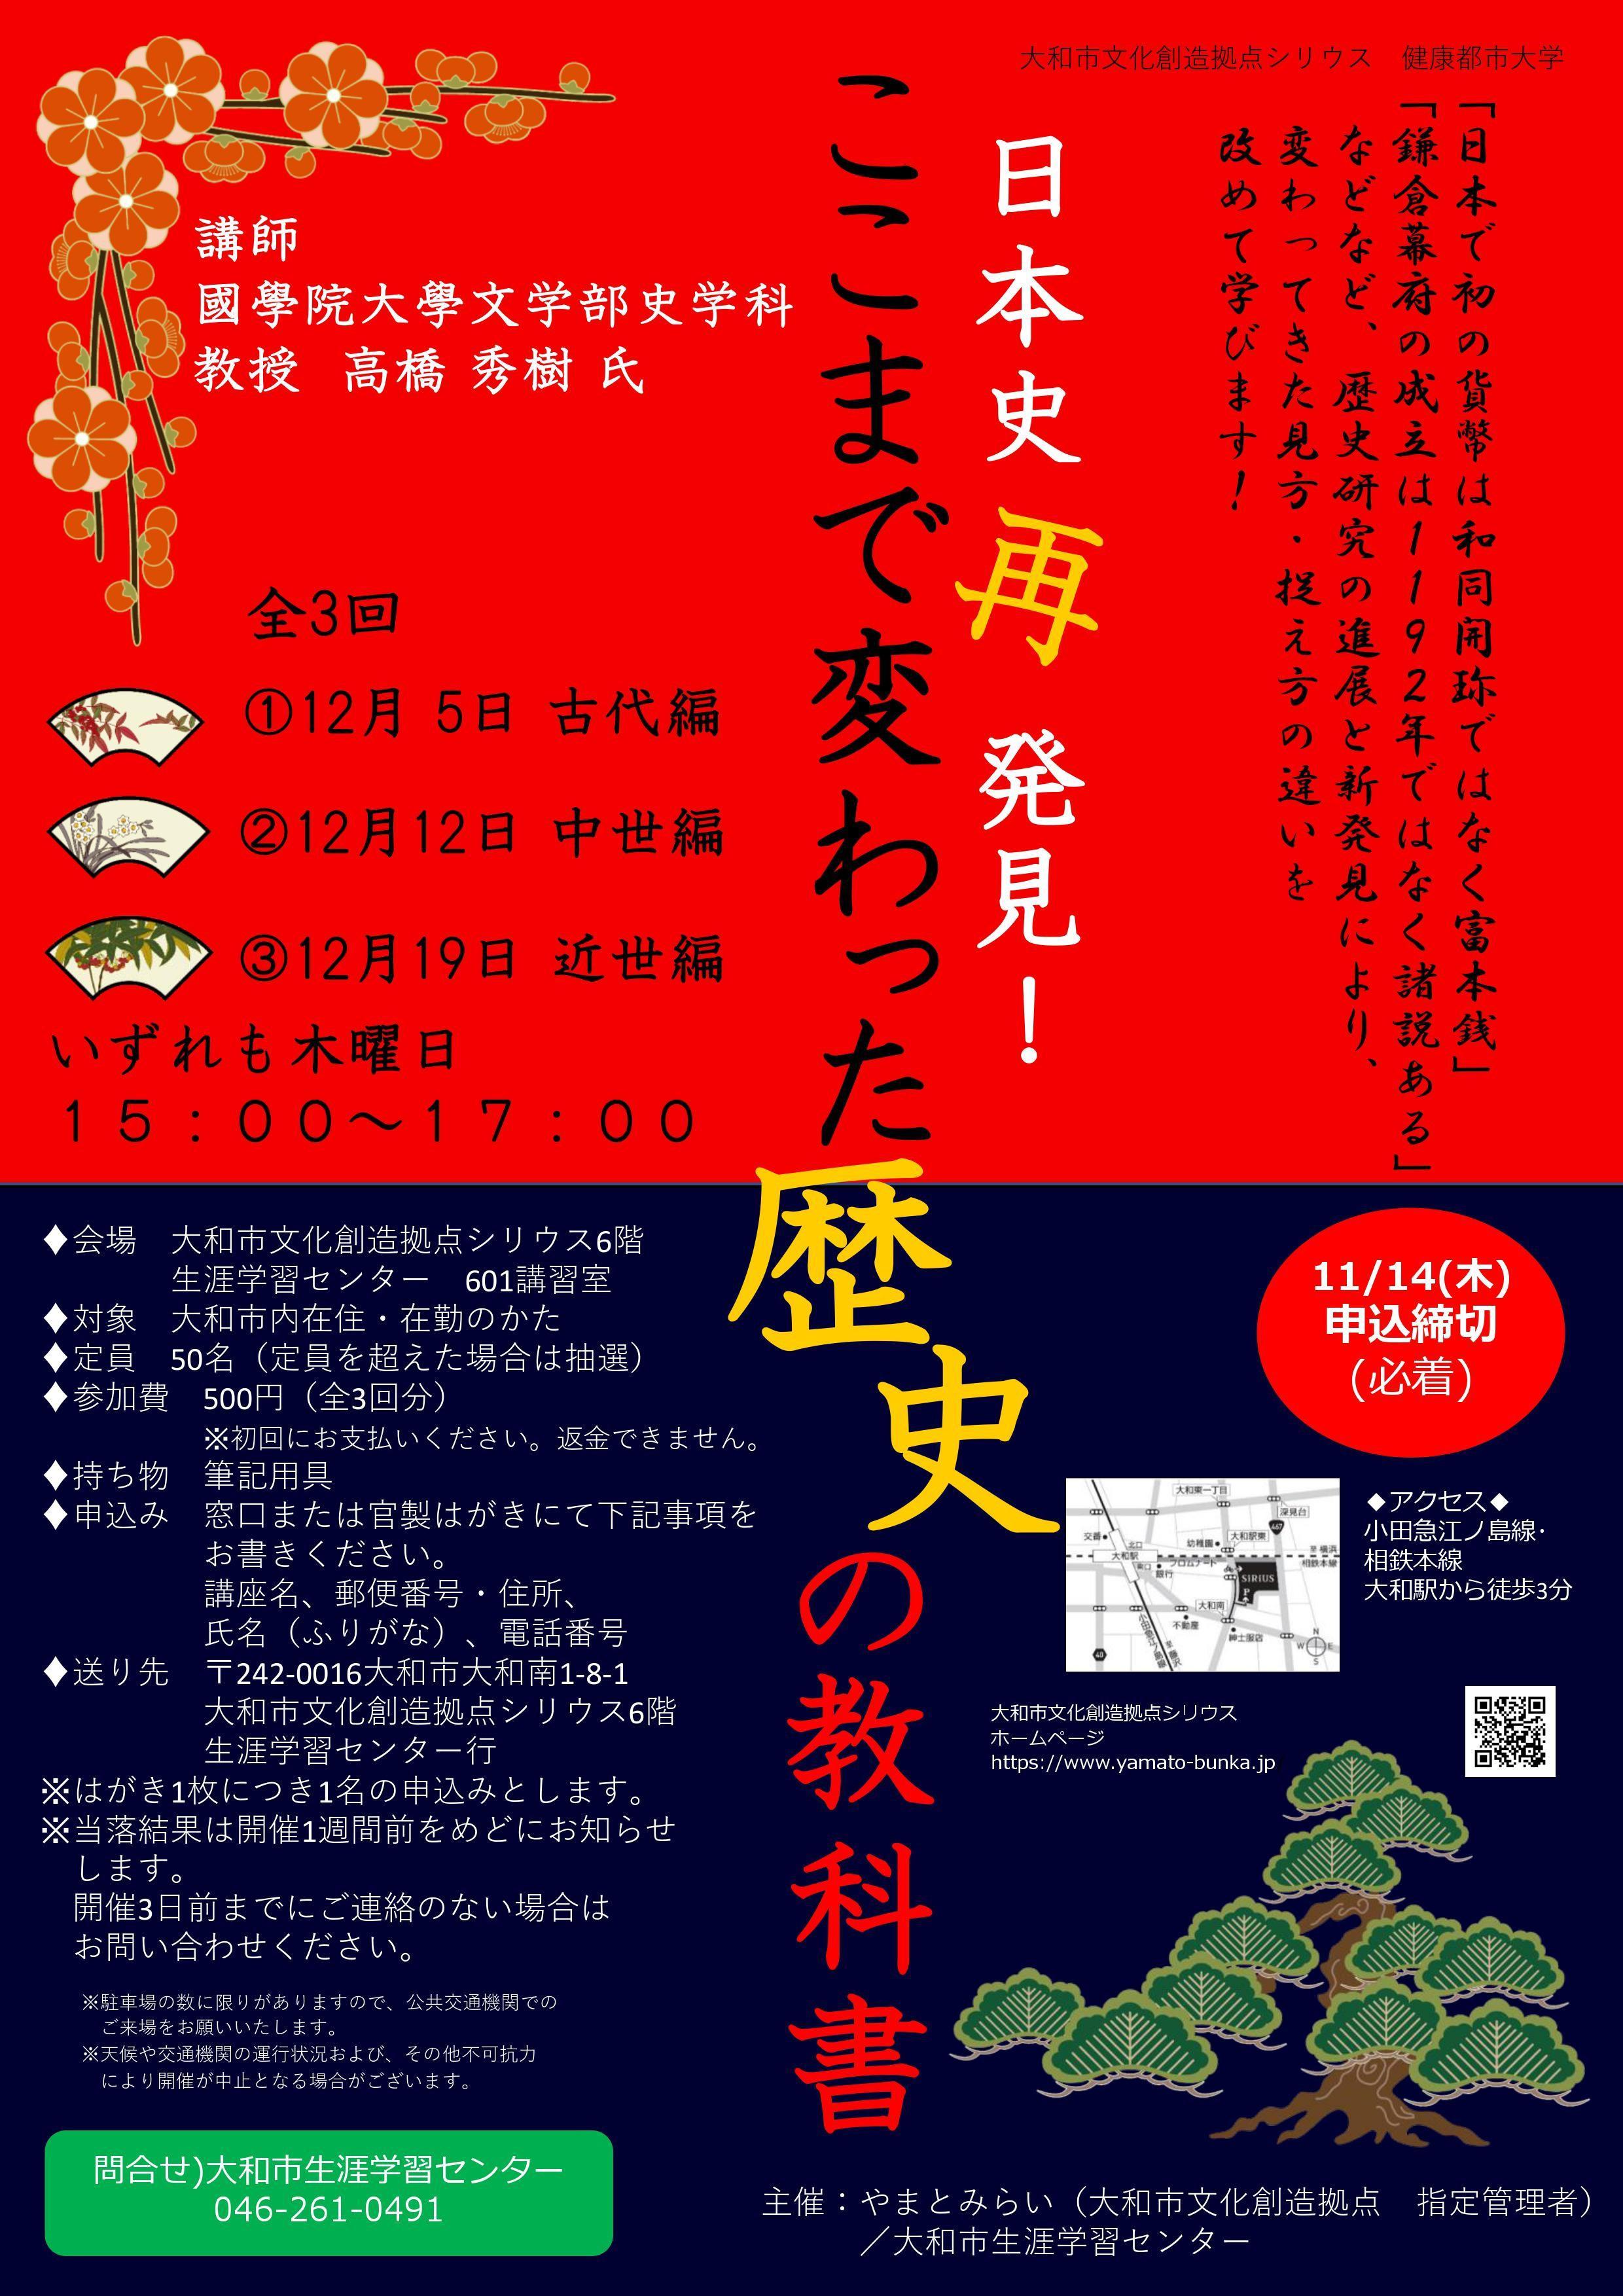 【募集終了】健康都市大学日本史再発見!ここまで変わった歴史の教科書